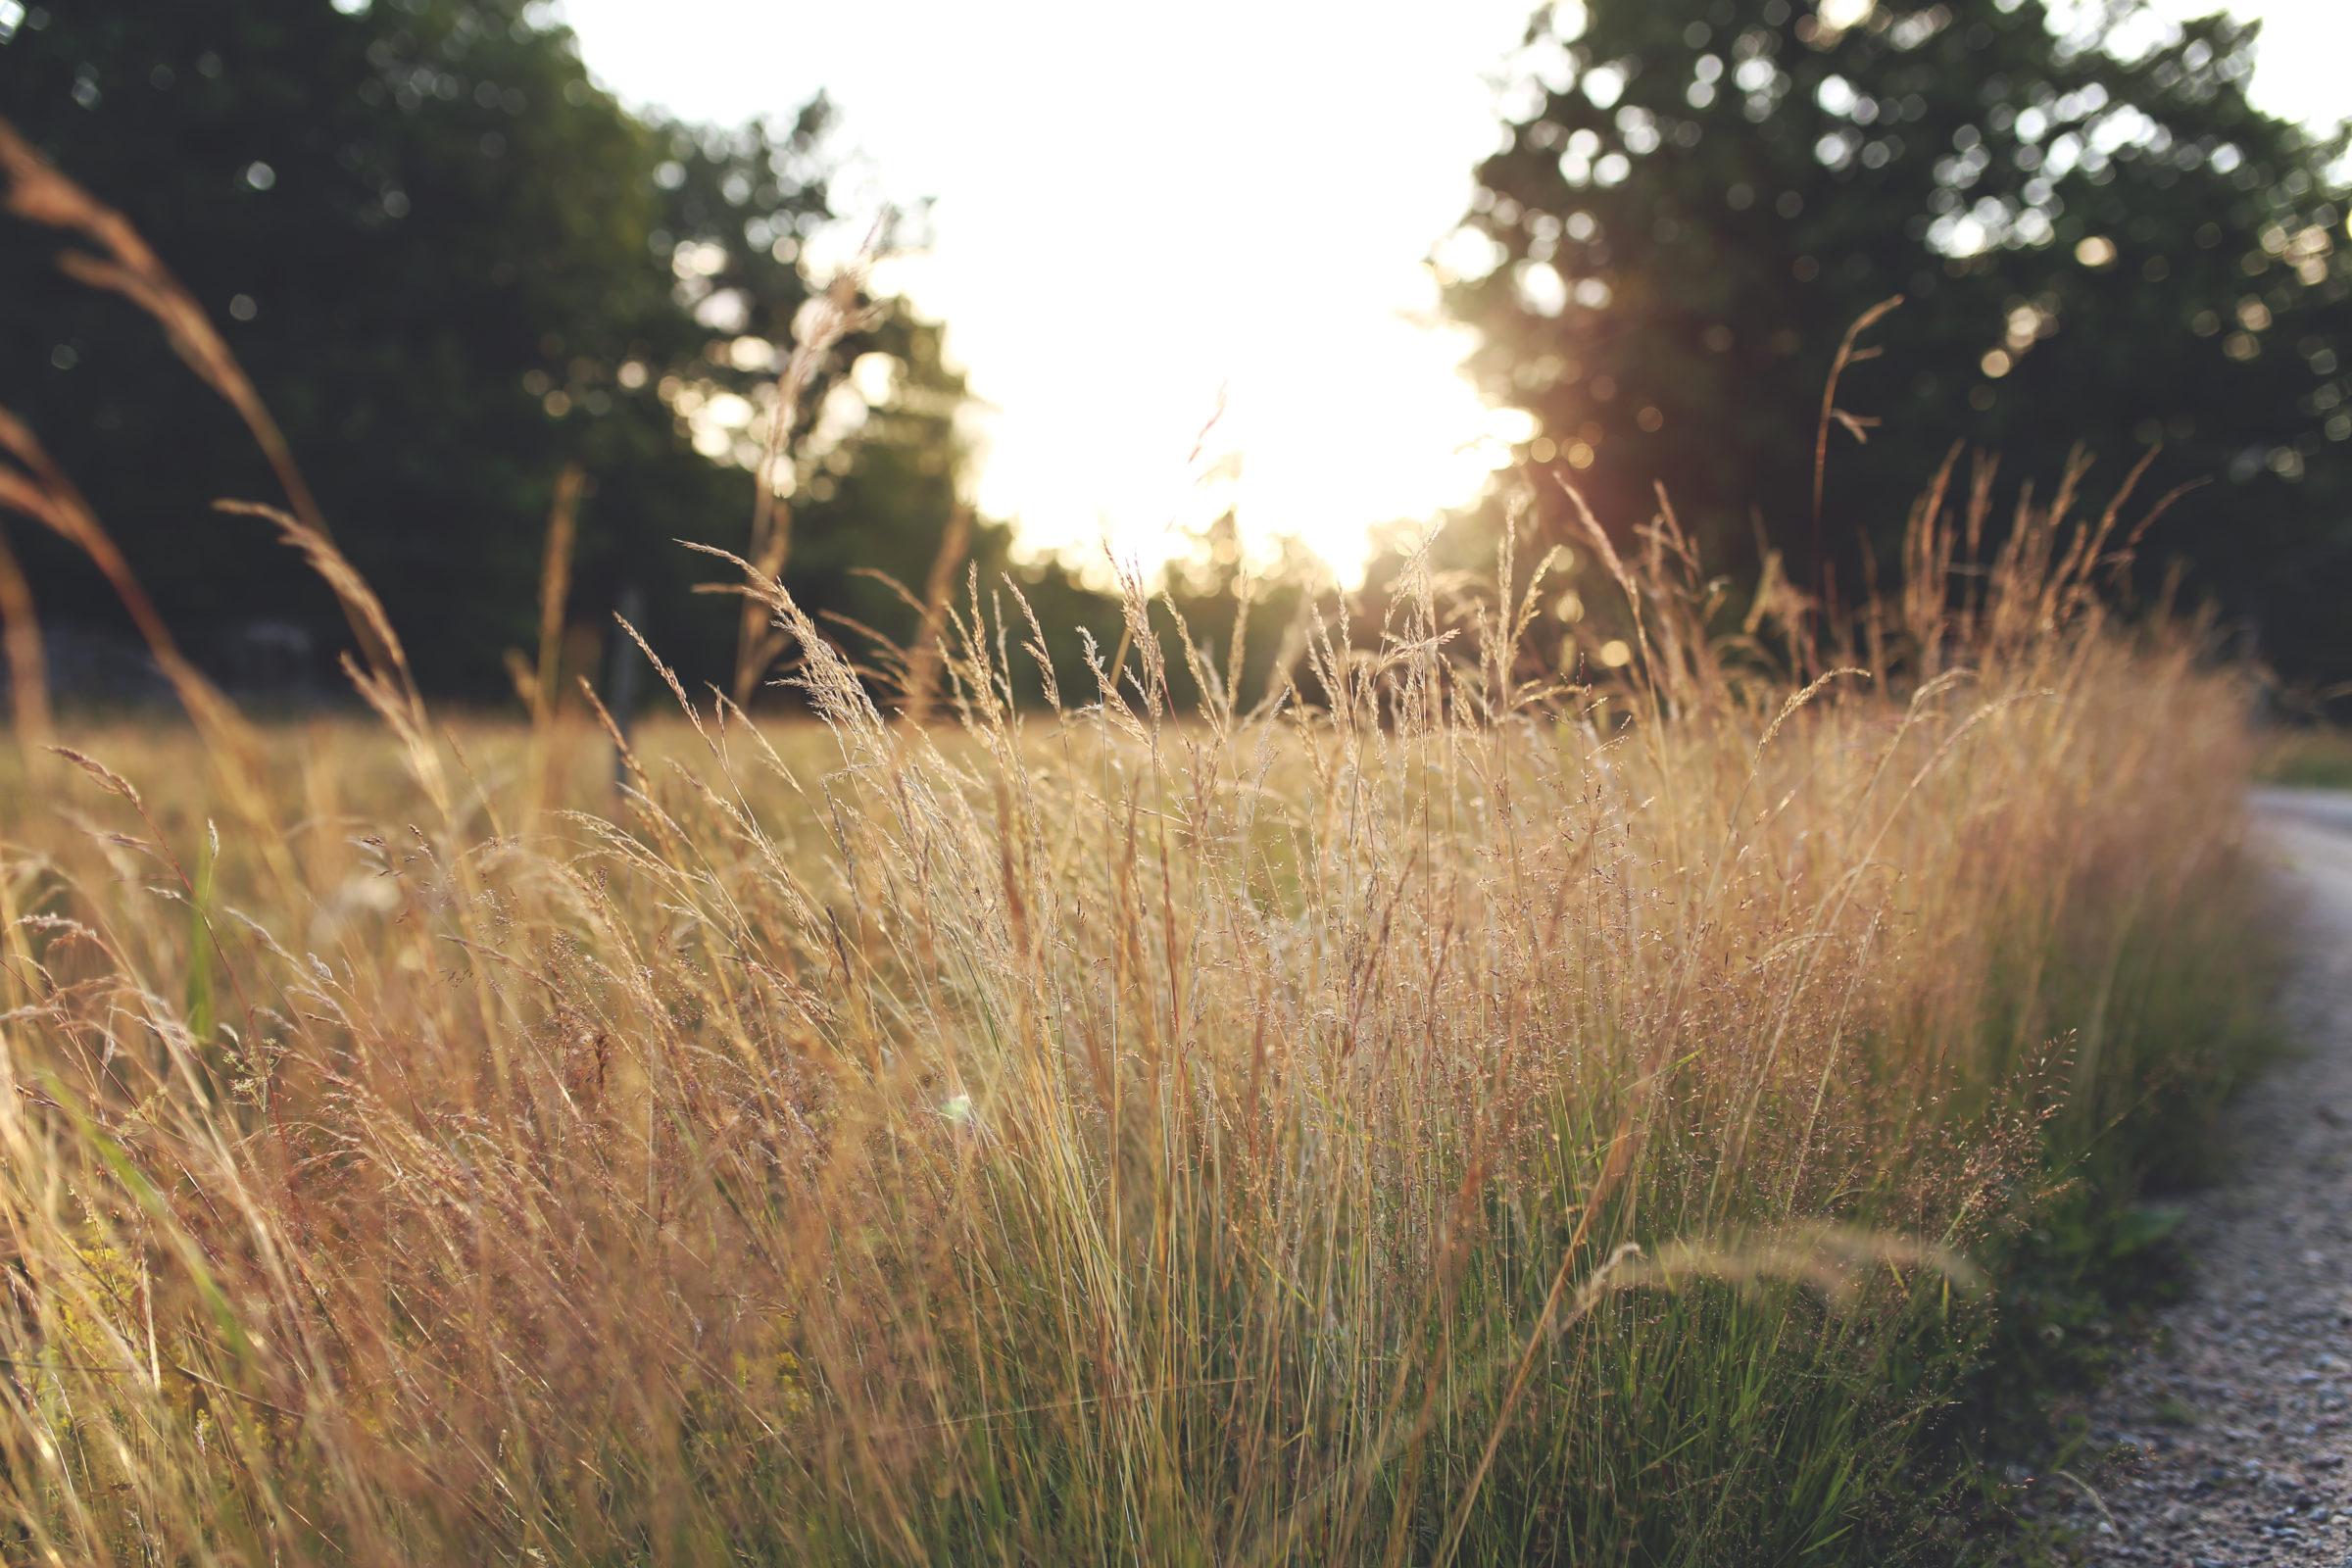 Sun sets in field